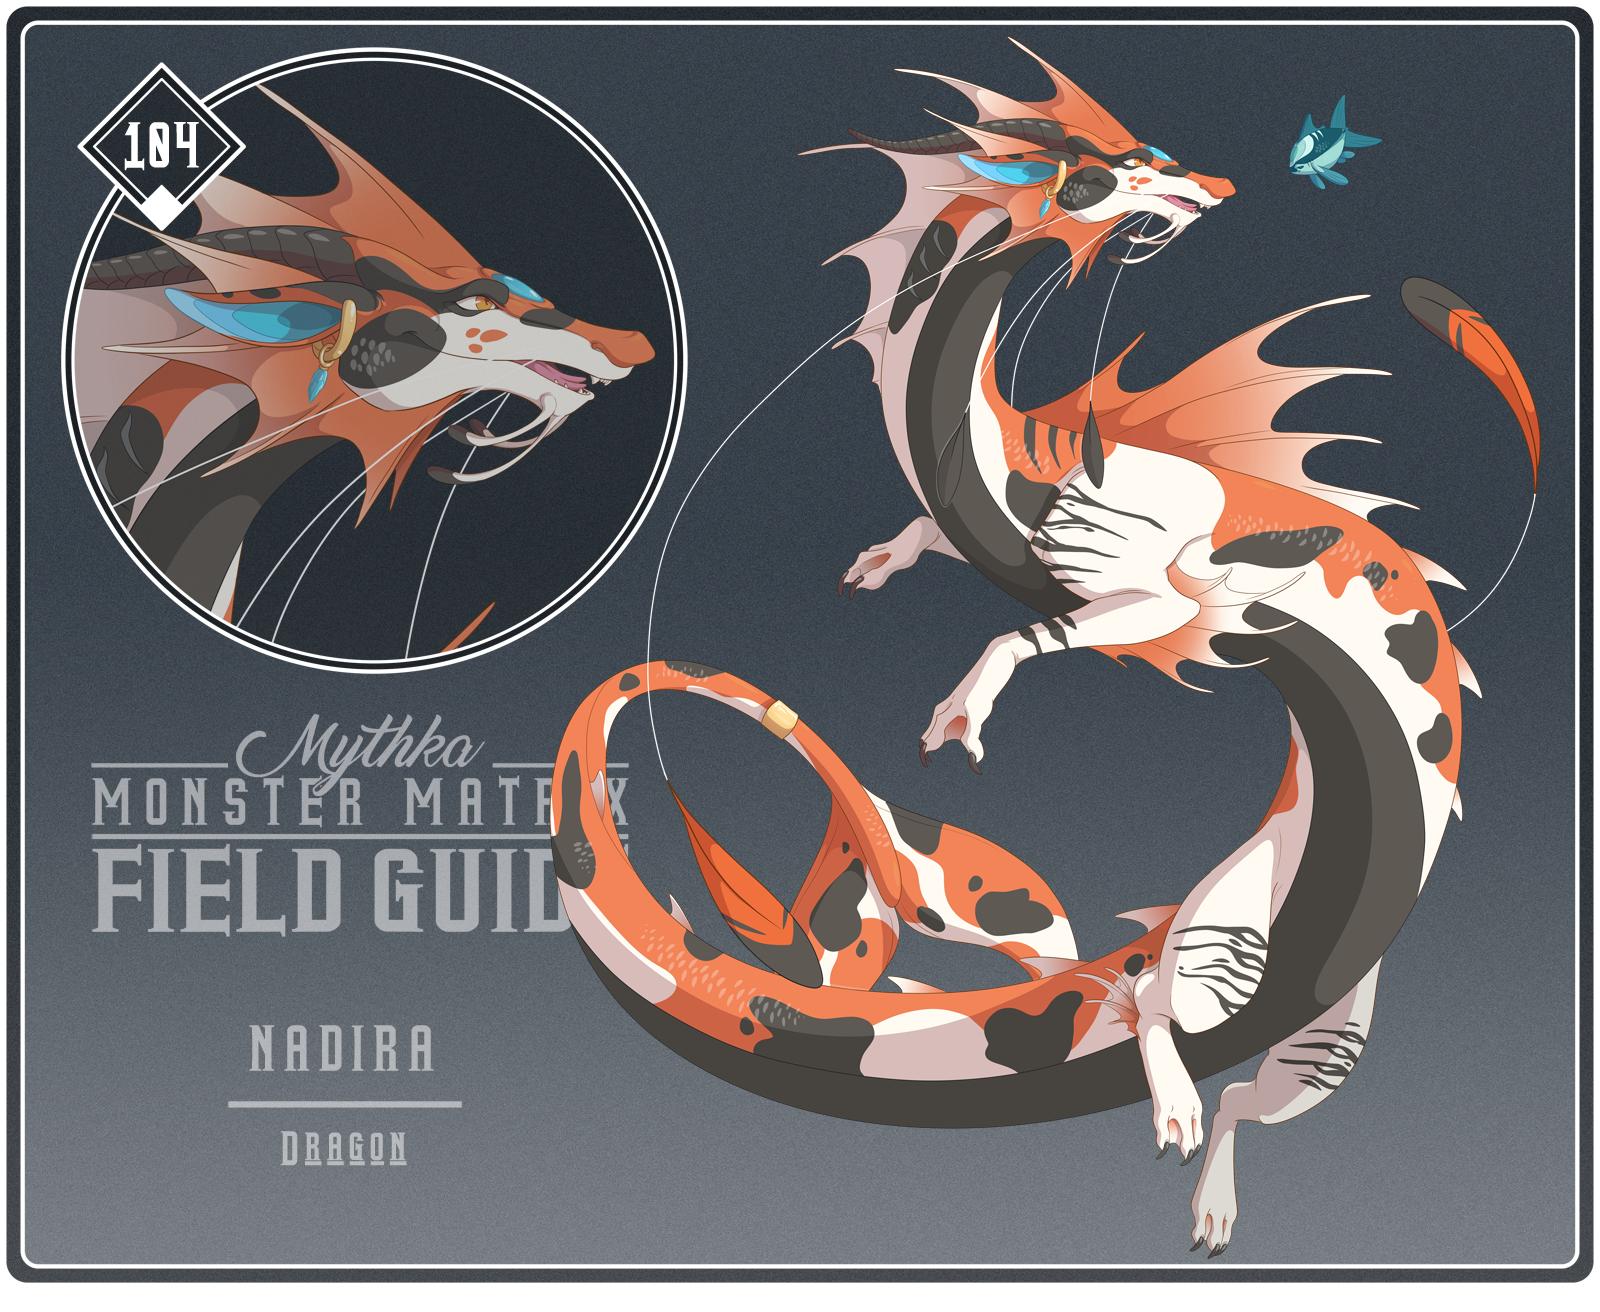 104 - Nadira - Dragon